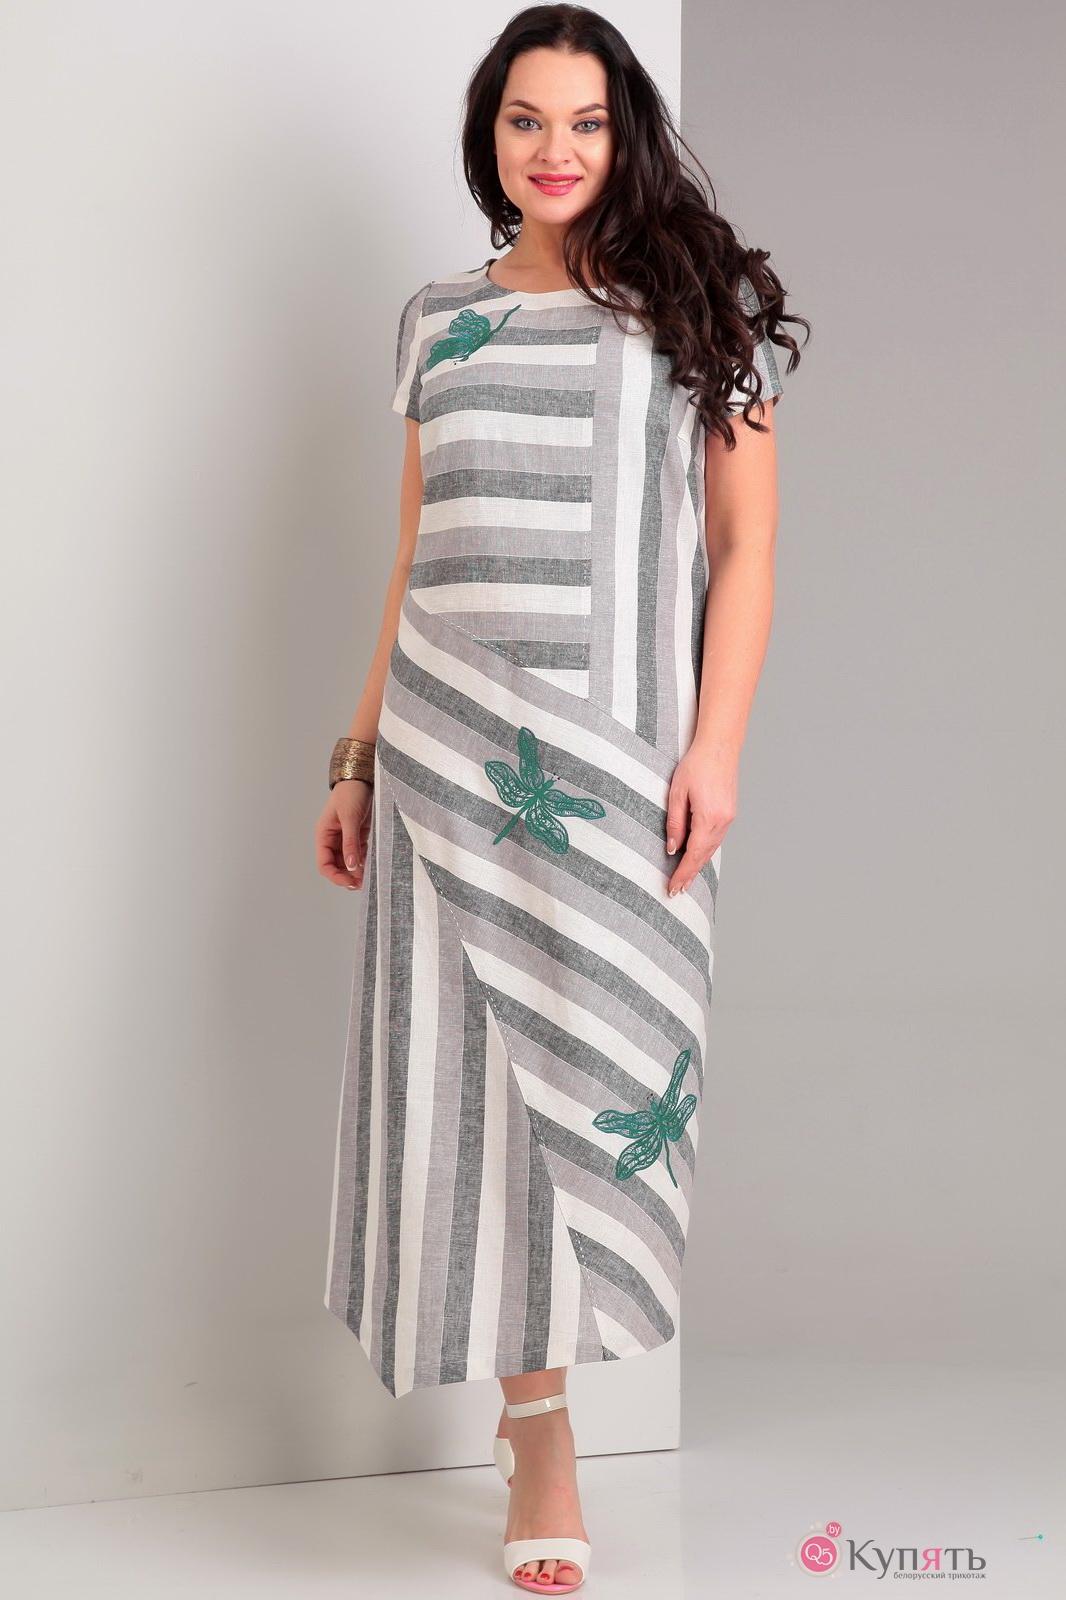 eeb9ffab Платье Jurimex 1743 зел стрекоза - интернет-магазин женской одежды ...